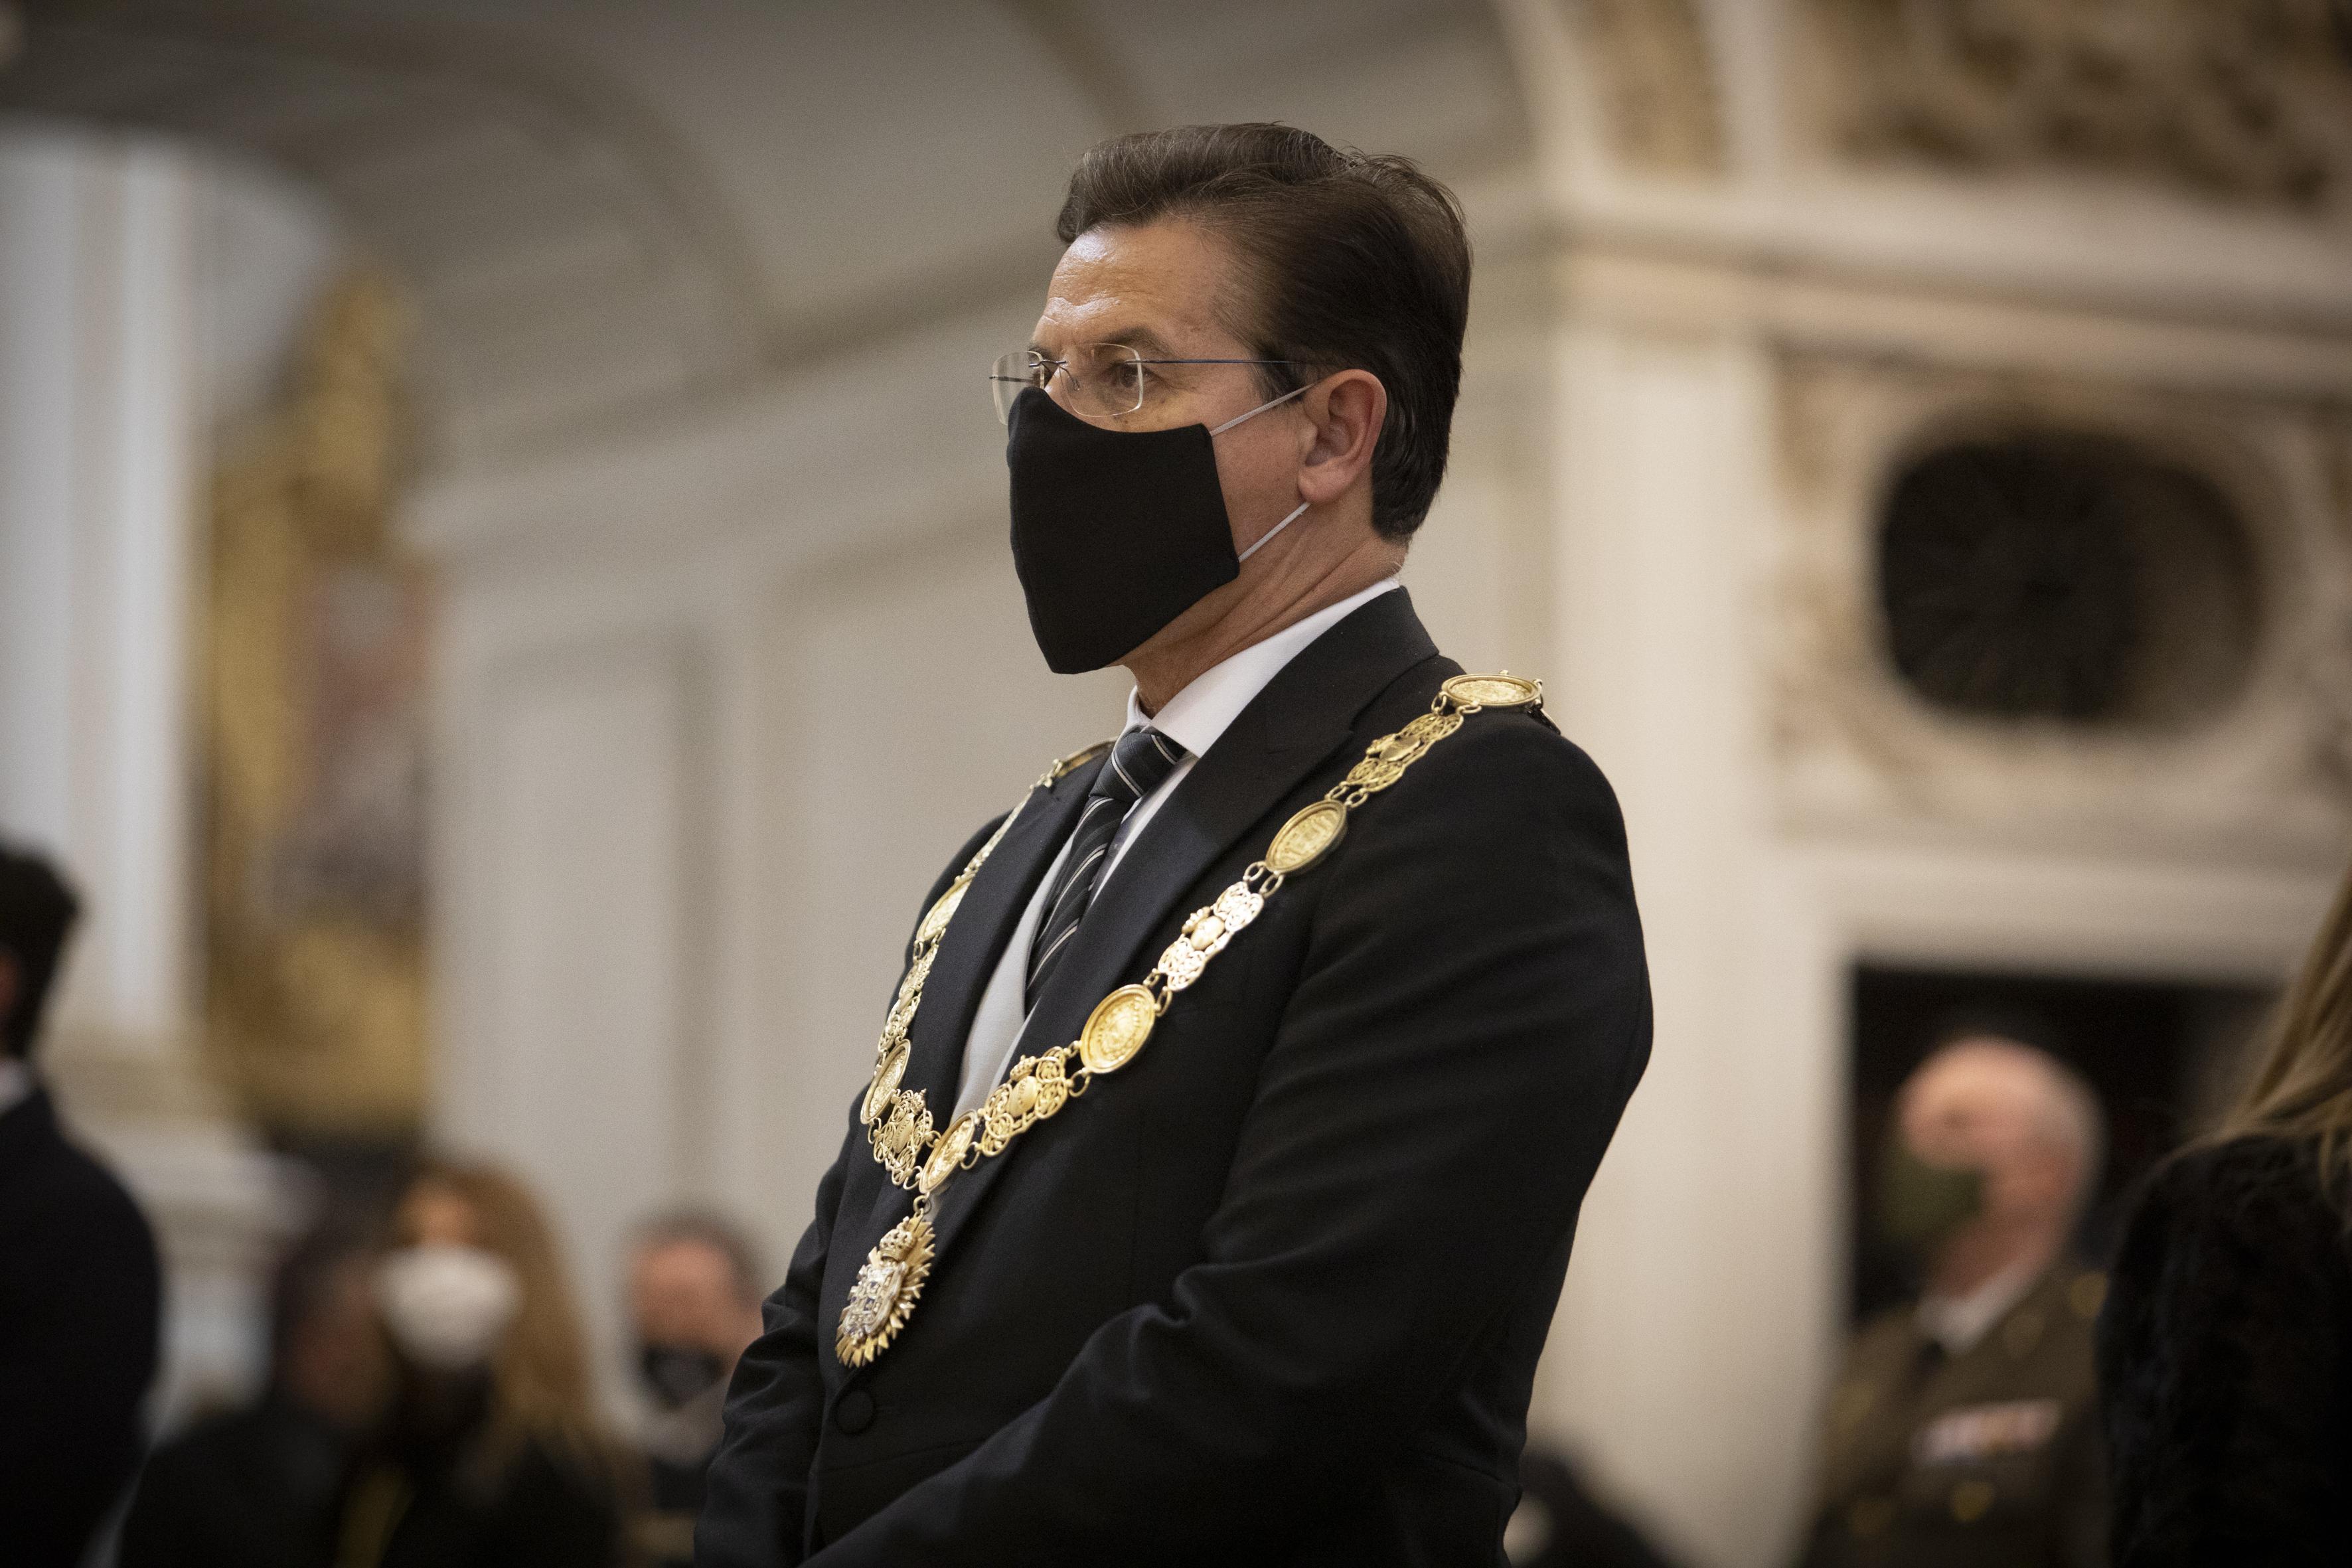 Los relevos de alcalde con pactos 2+2 cerrados en 2019 se rompen en cinco municipios de los 15 previstos en Andalucía